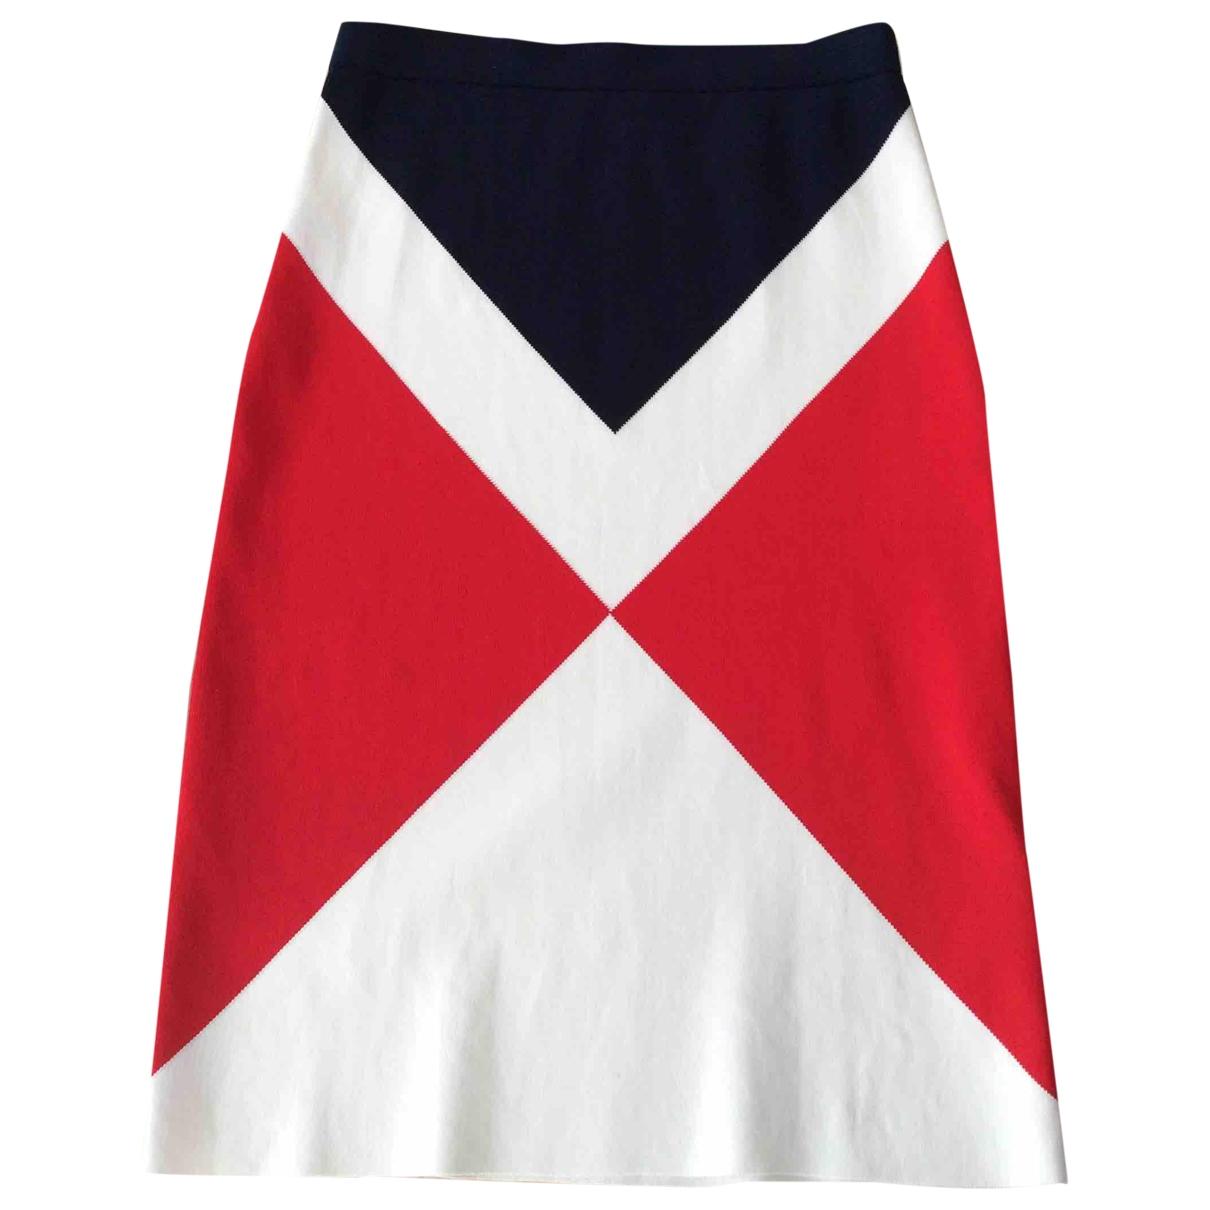 Tommy Hilfiger \N Multicolour skirt for Women S International